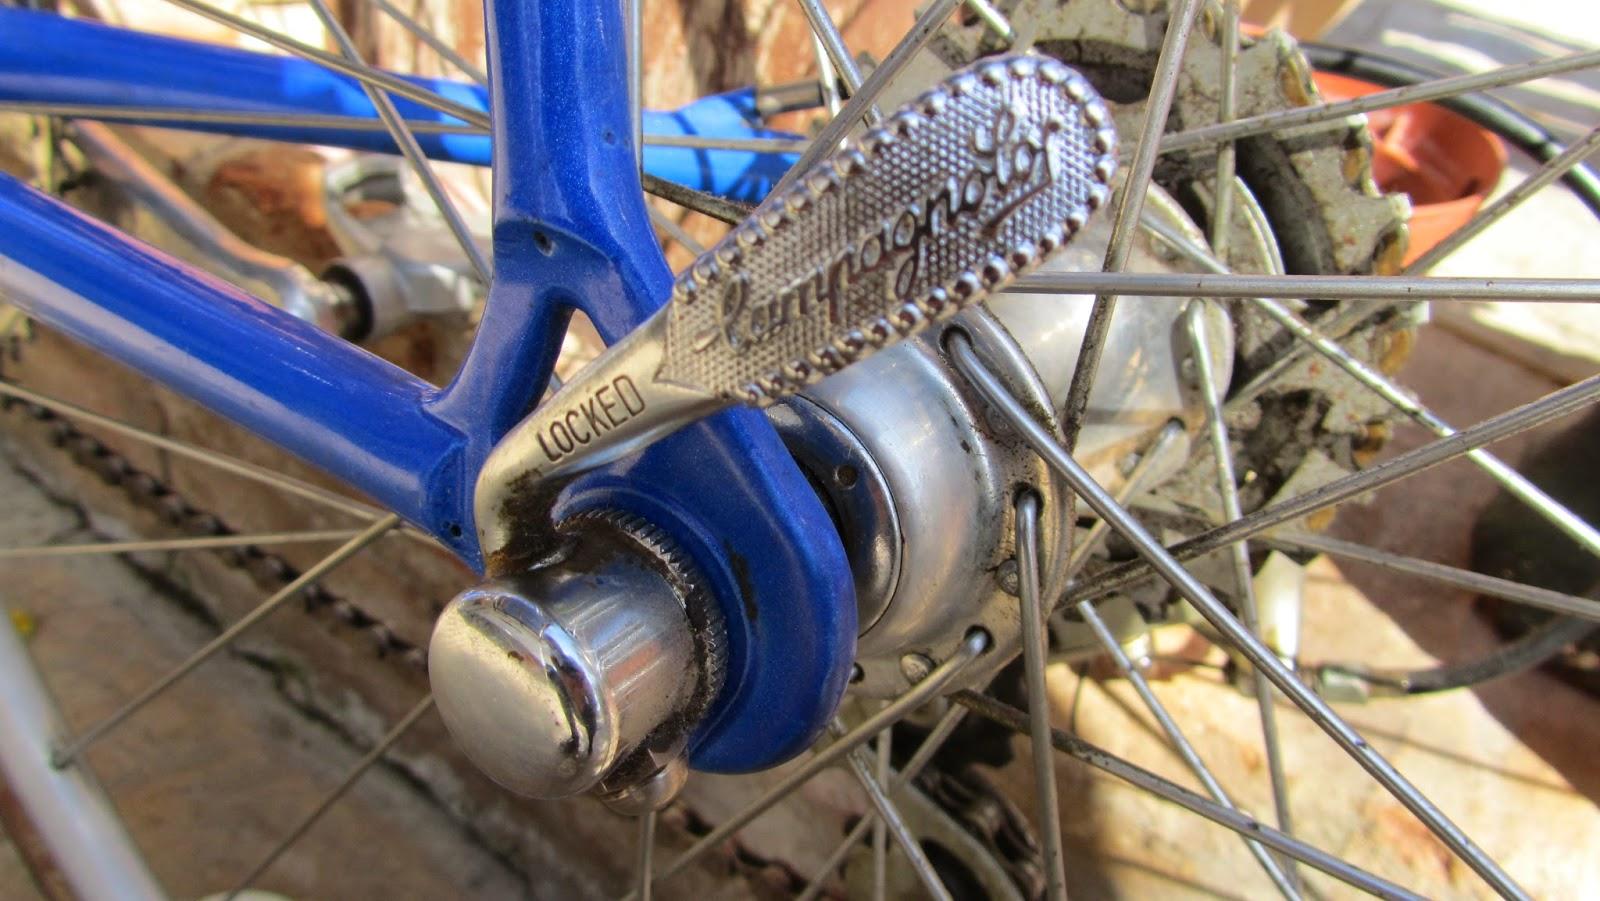 bicicleta orbea contrarreloj- cierre campagnolo